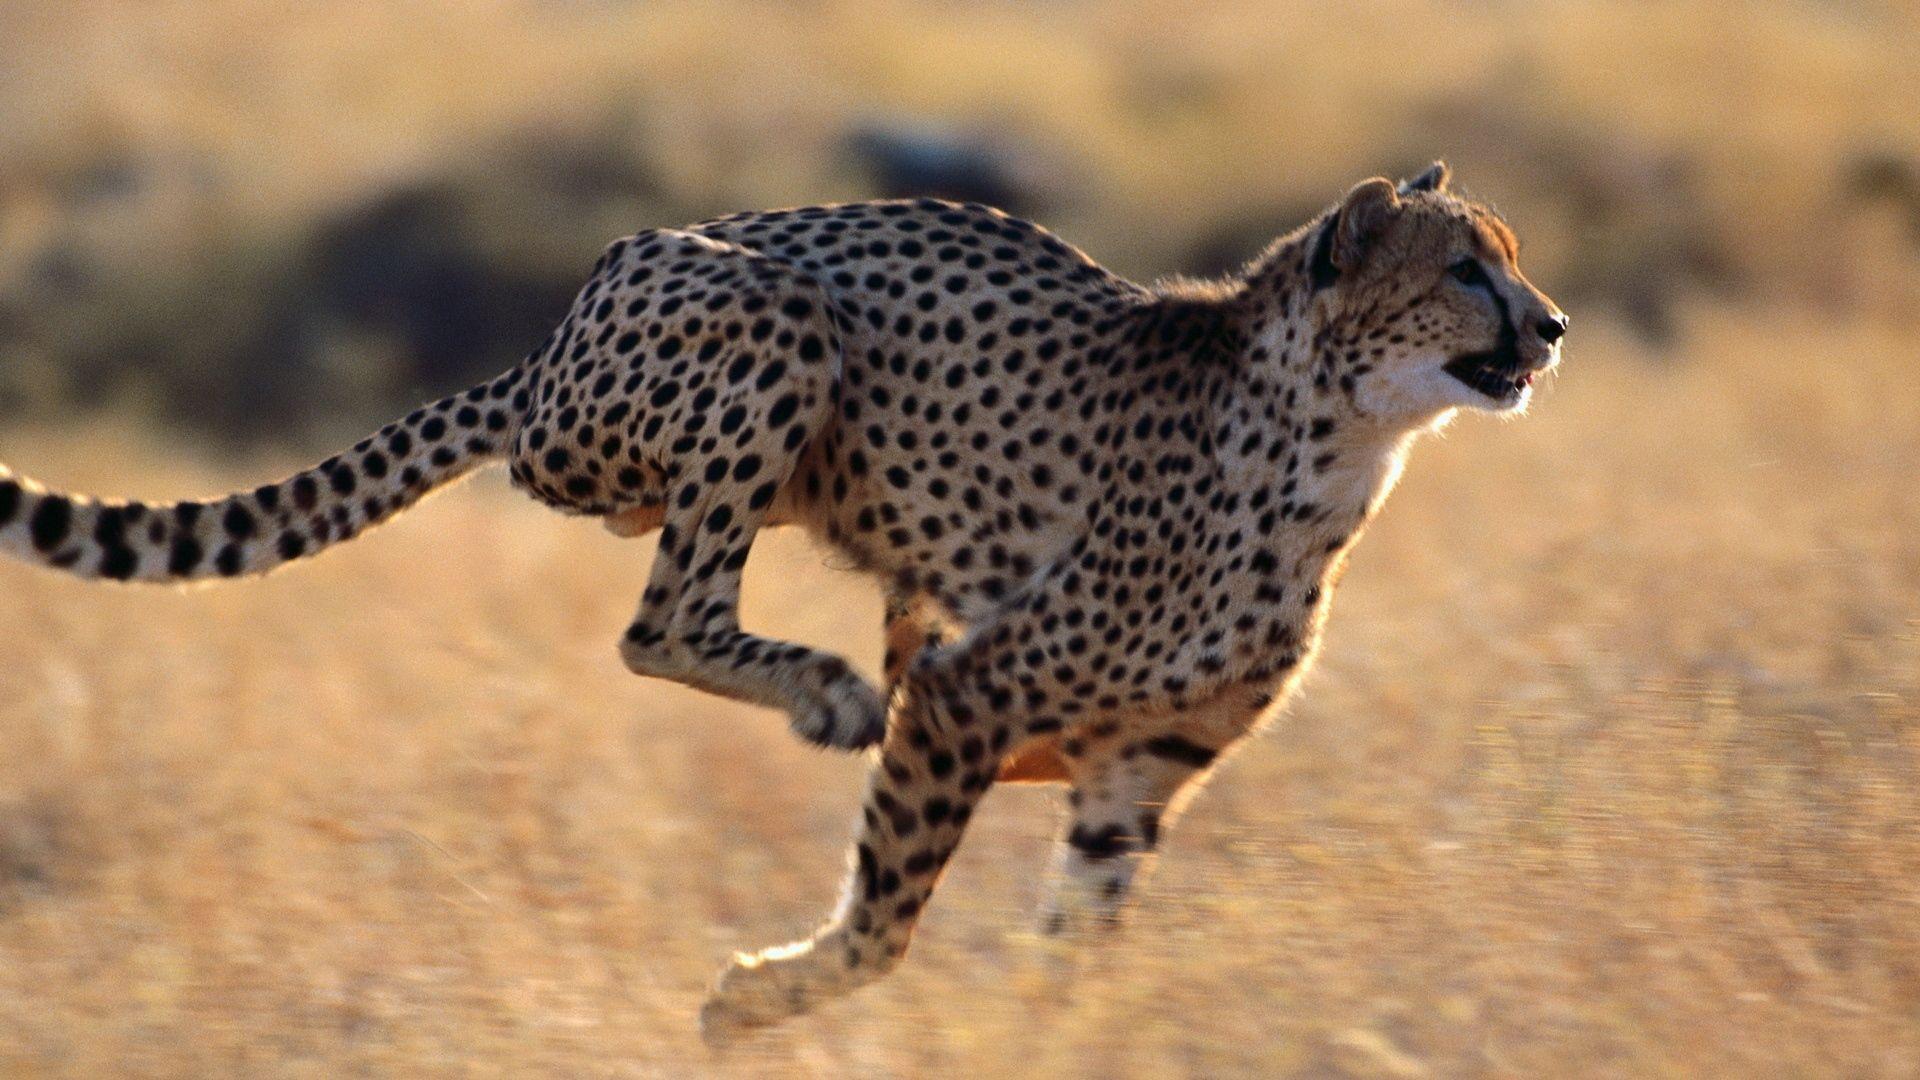 Running Cheetah Picture